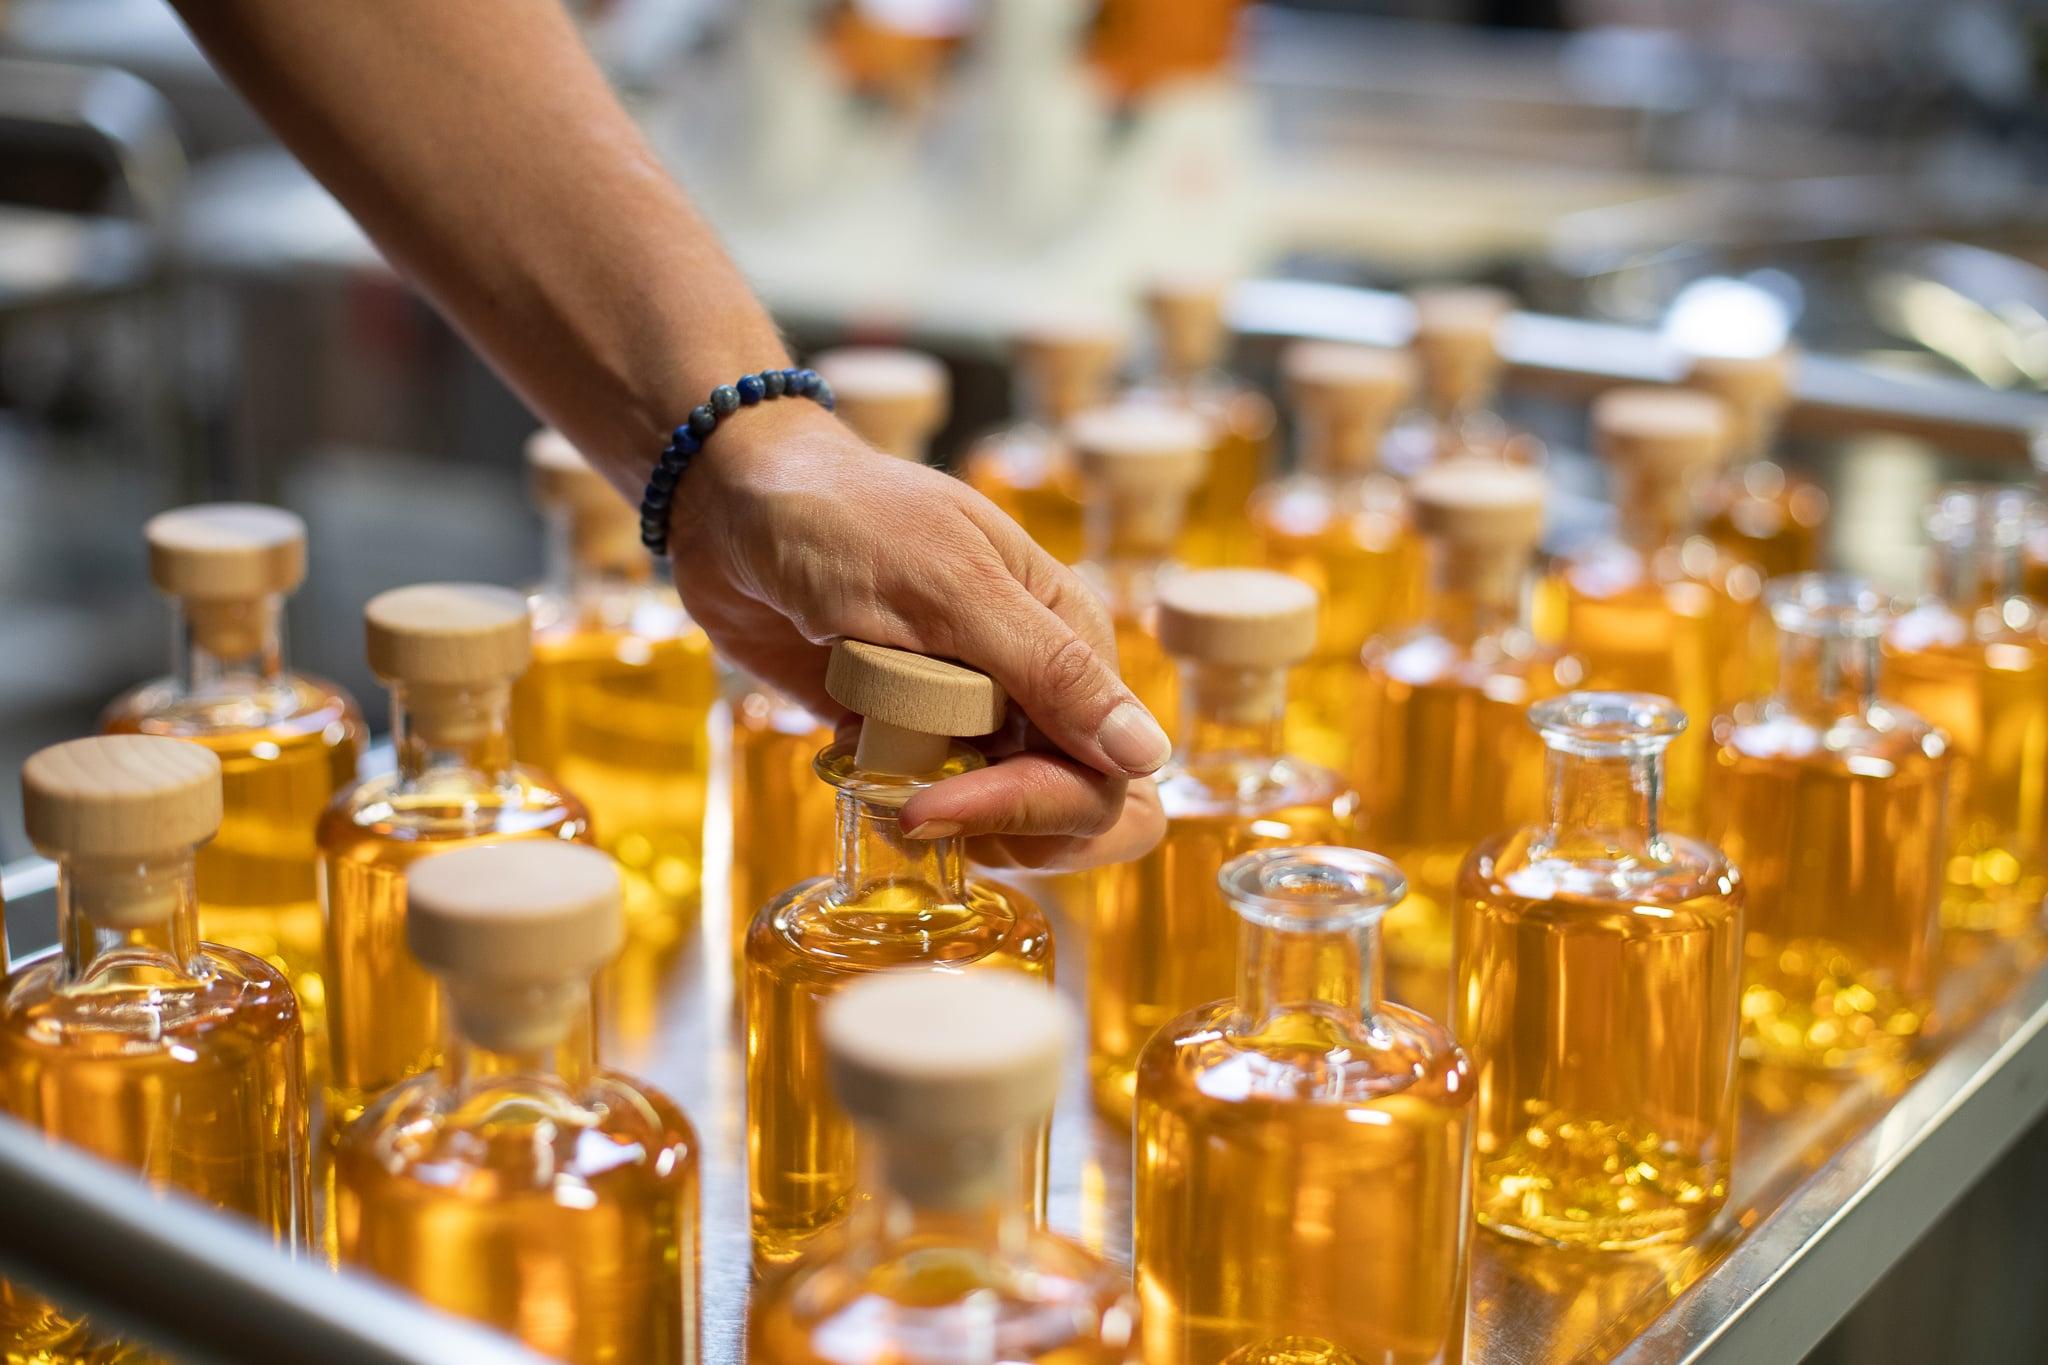 Maak je eigen private label van sterke drank voor horeca of bedrijven bij Sterkstokers